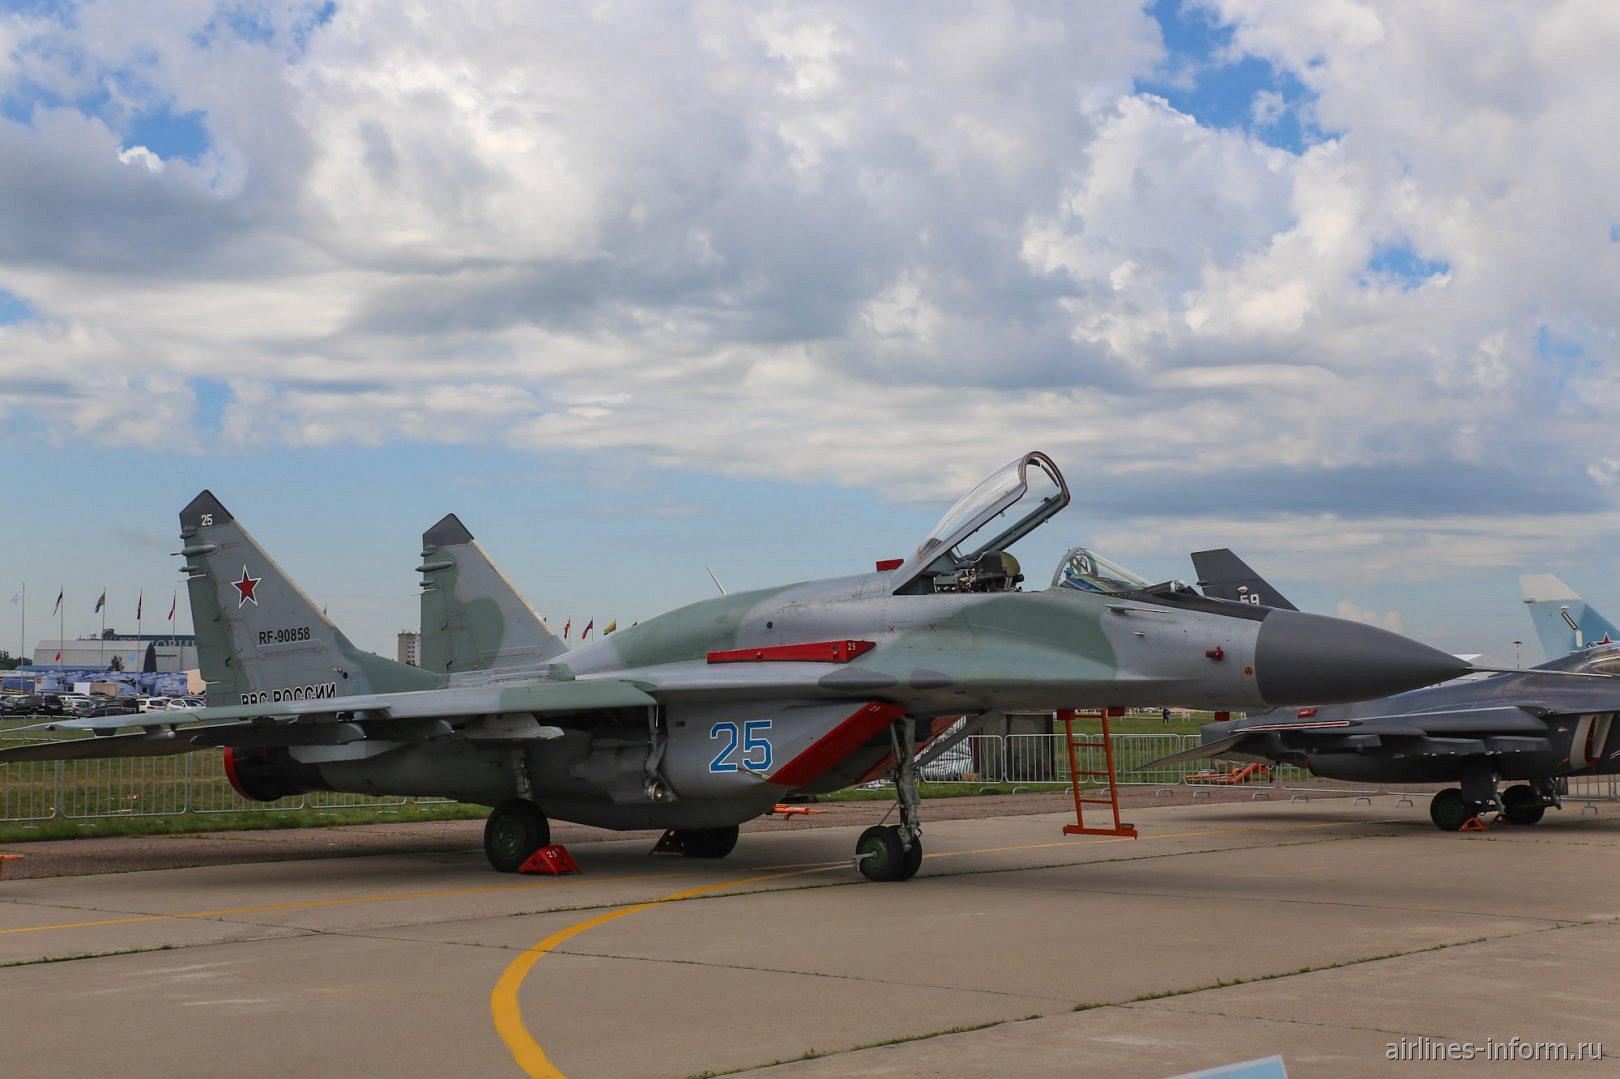 Истребитель МиГ-29СМТ на авиасалоне МАКС-2017